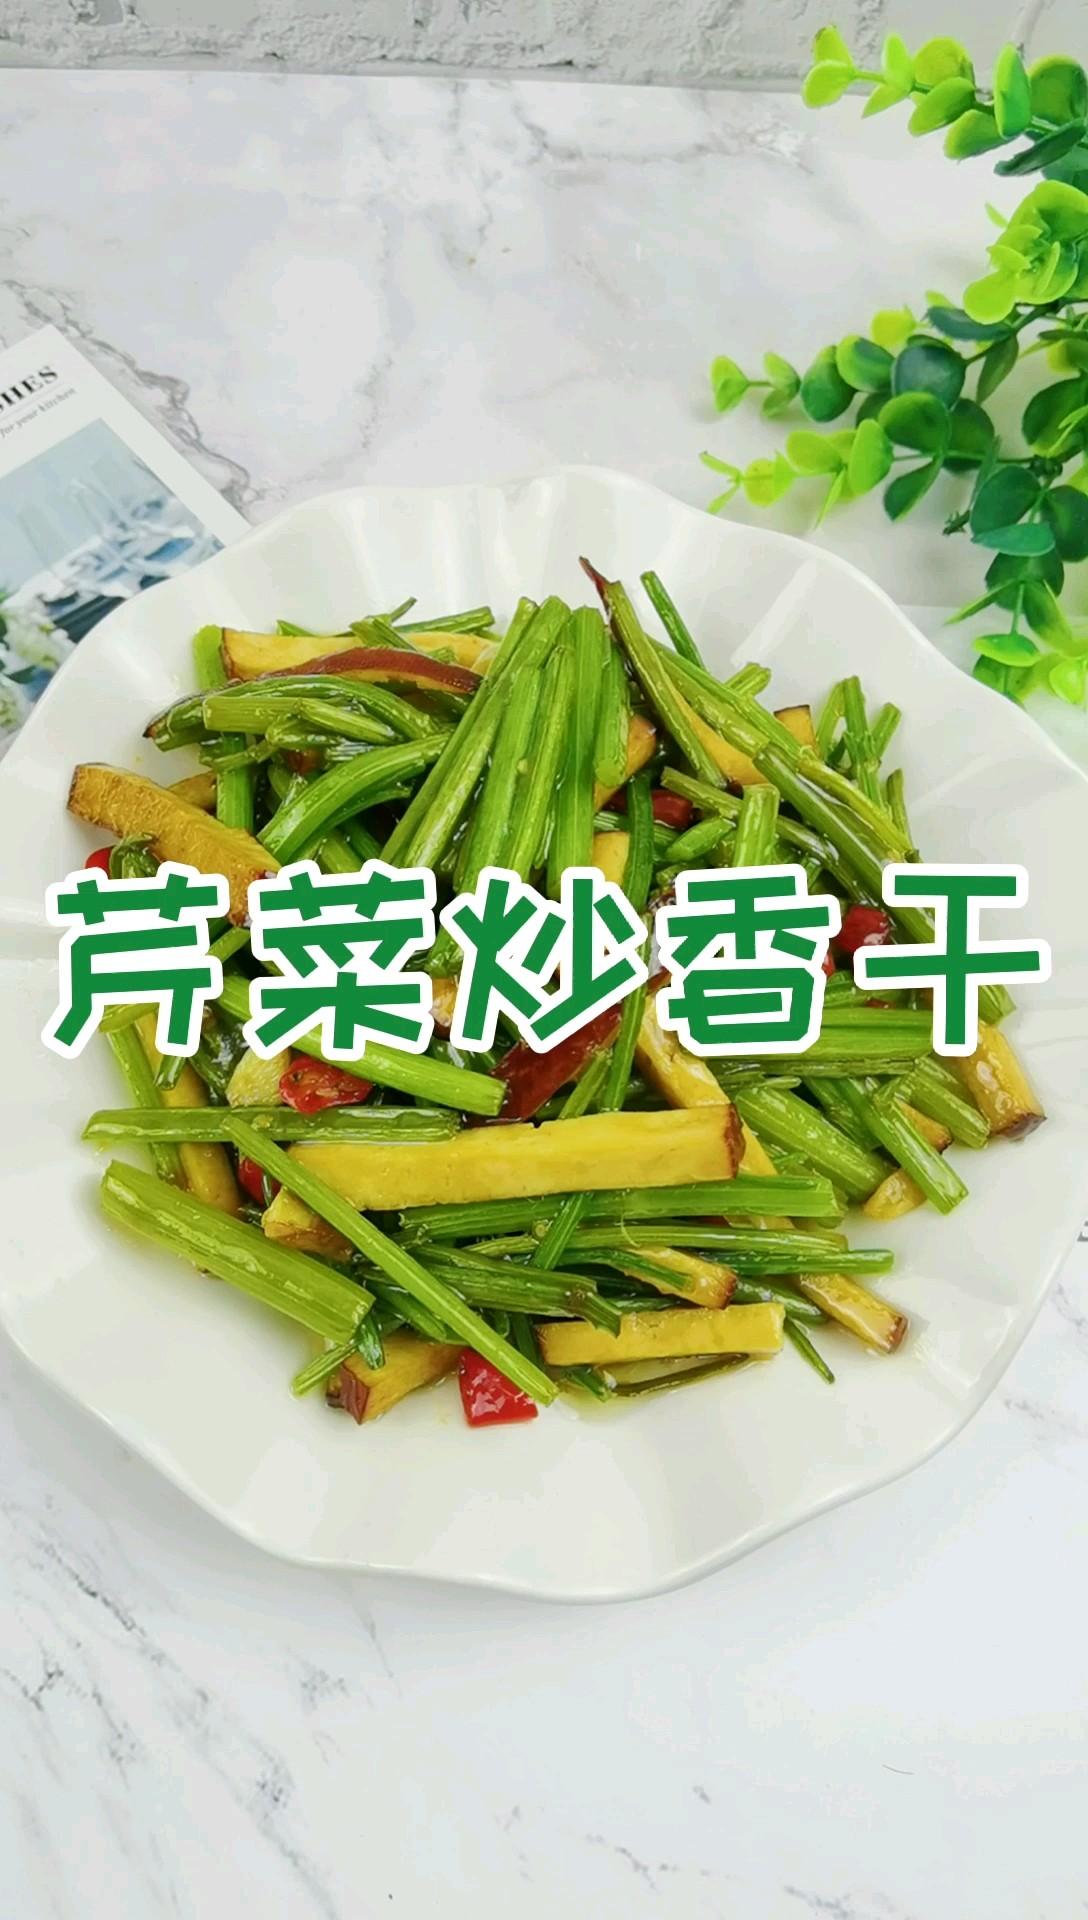 芹菜炒香干,到底先炒芹菜还是先炒香干?很多人做错了,当然不好吃